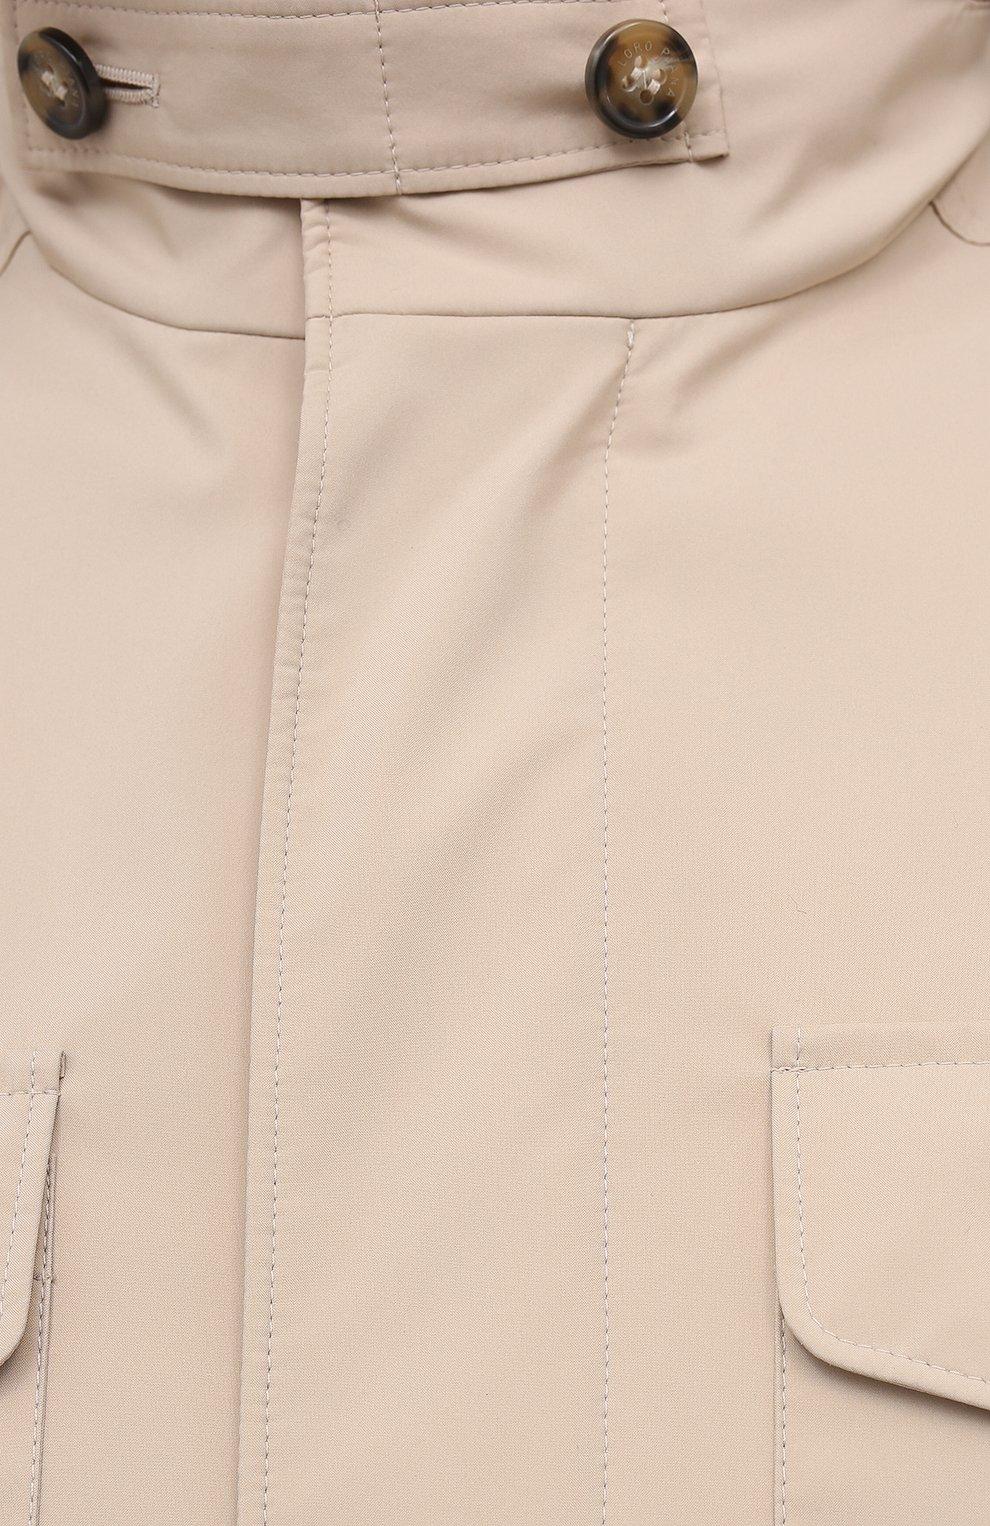 Мужская куртка LORO PIANA бежевого цвета, арт. FAL5139 | Фото 5 (Кросс-КТ: Куртка, Ветровка; Материал утеплителя: Шерсть; Рукава: Длинные; Материал внешний: Синтетический материал; Длина (верхняя одежда): Короткие; Стили: Кэжуэл)